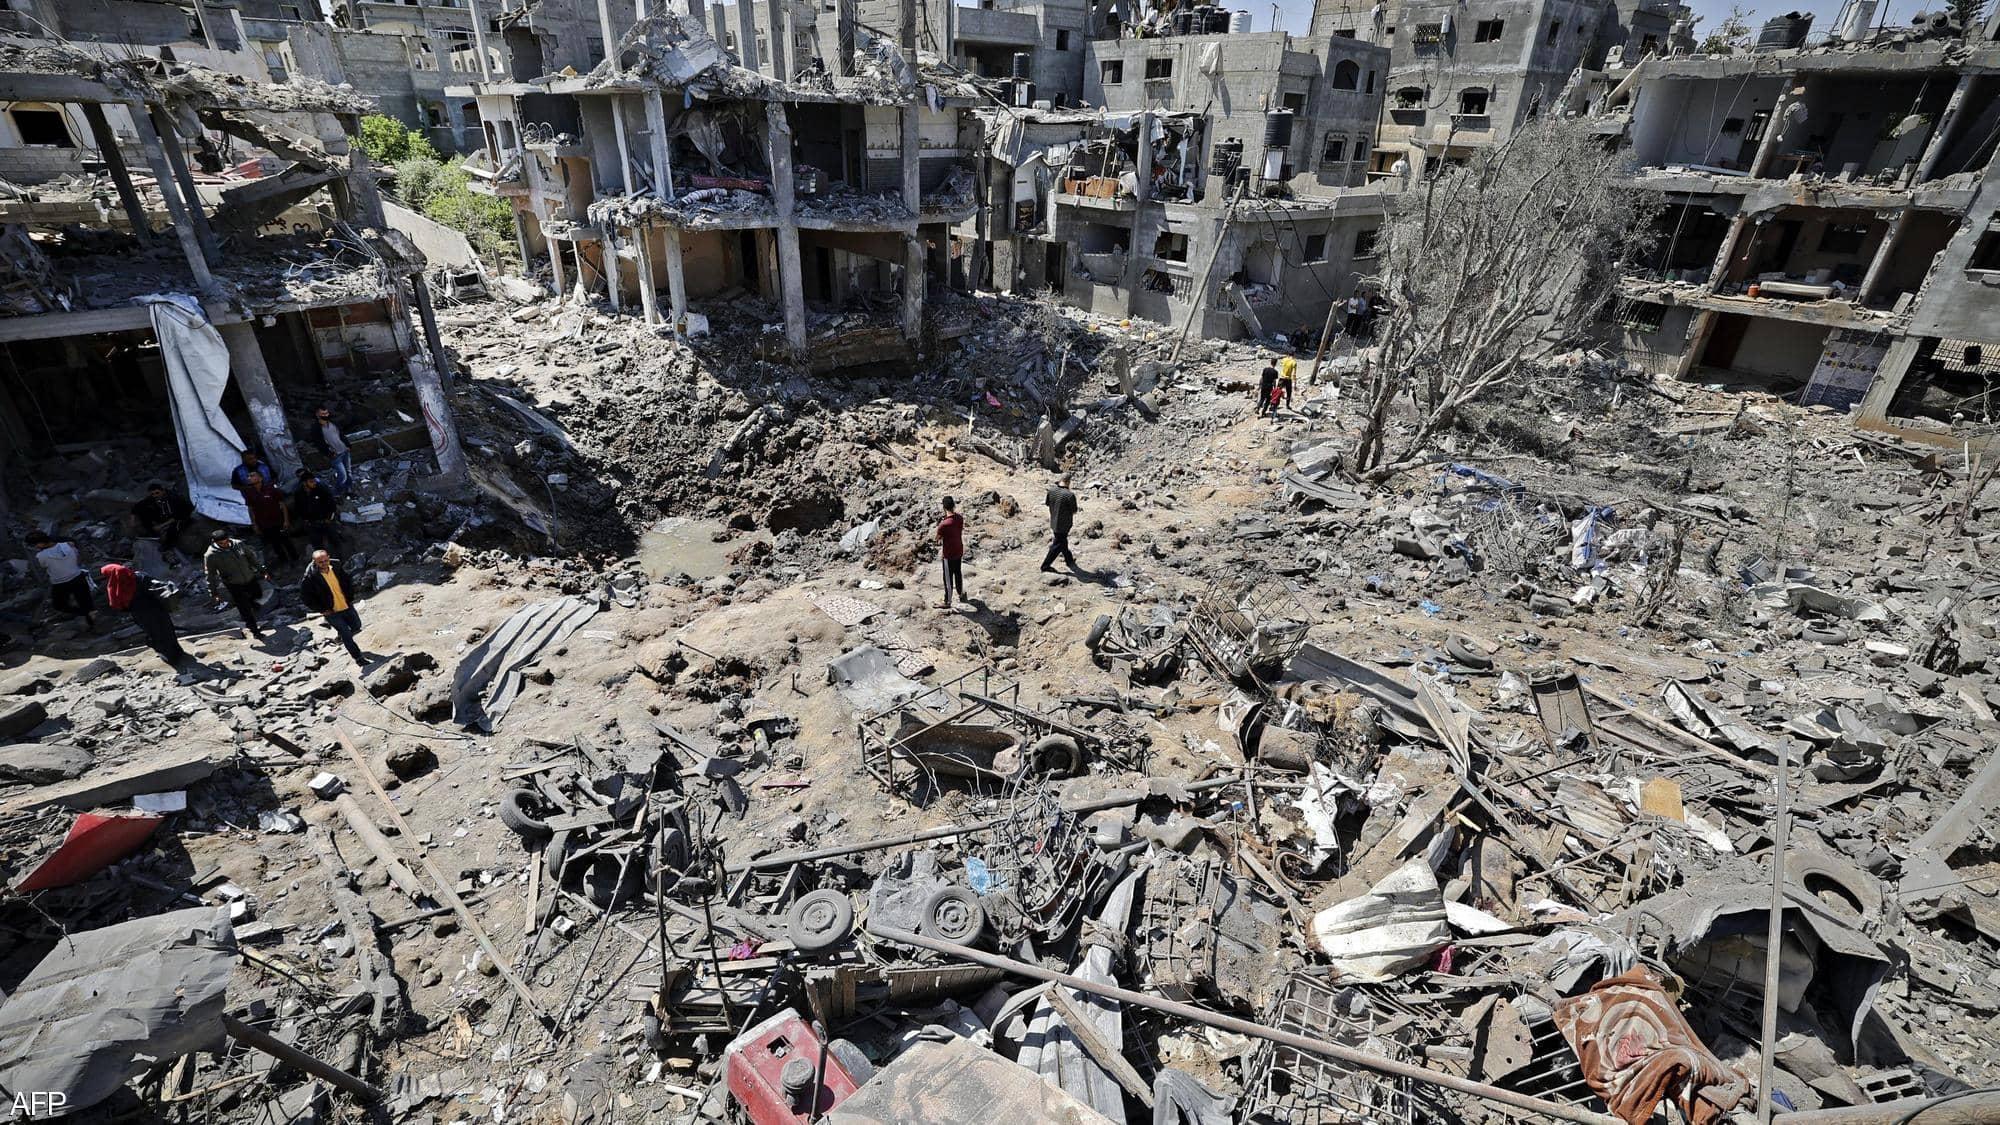 تبادل القصف الصاروخي بين إسرائيل والفصائل الفلسطينية في القطاع والمدن الاسرائيلية